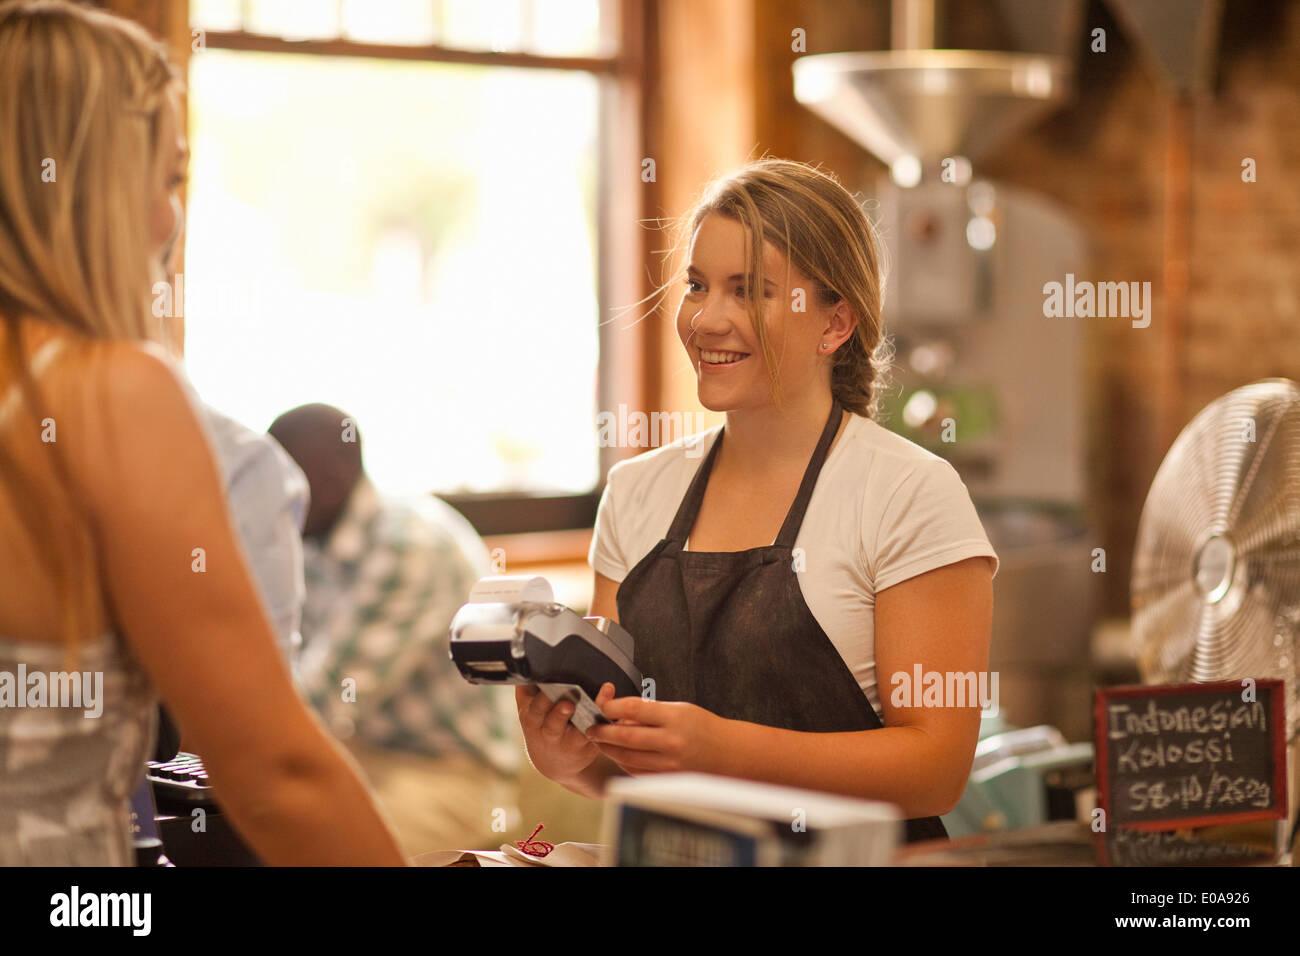 Junge Frau servieren Kunden in Coffee-shop Stockbild